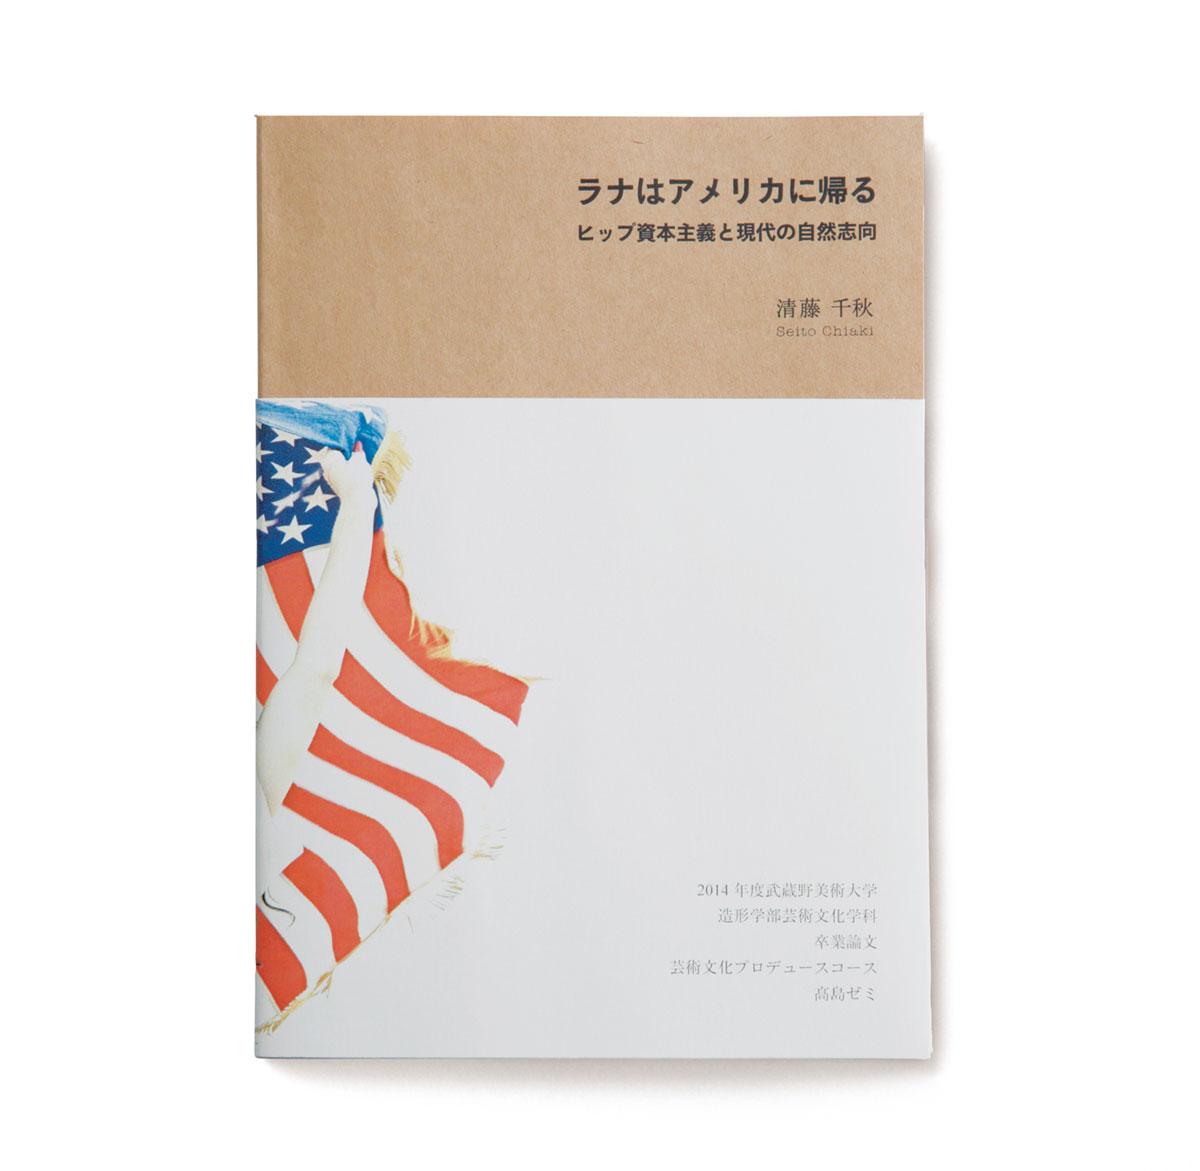 [清藤 千秋] 『ラナはアメリカに帰る—ヒップ資本主義と現代の自然志向—』